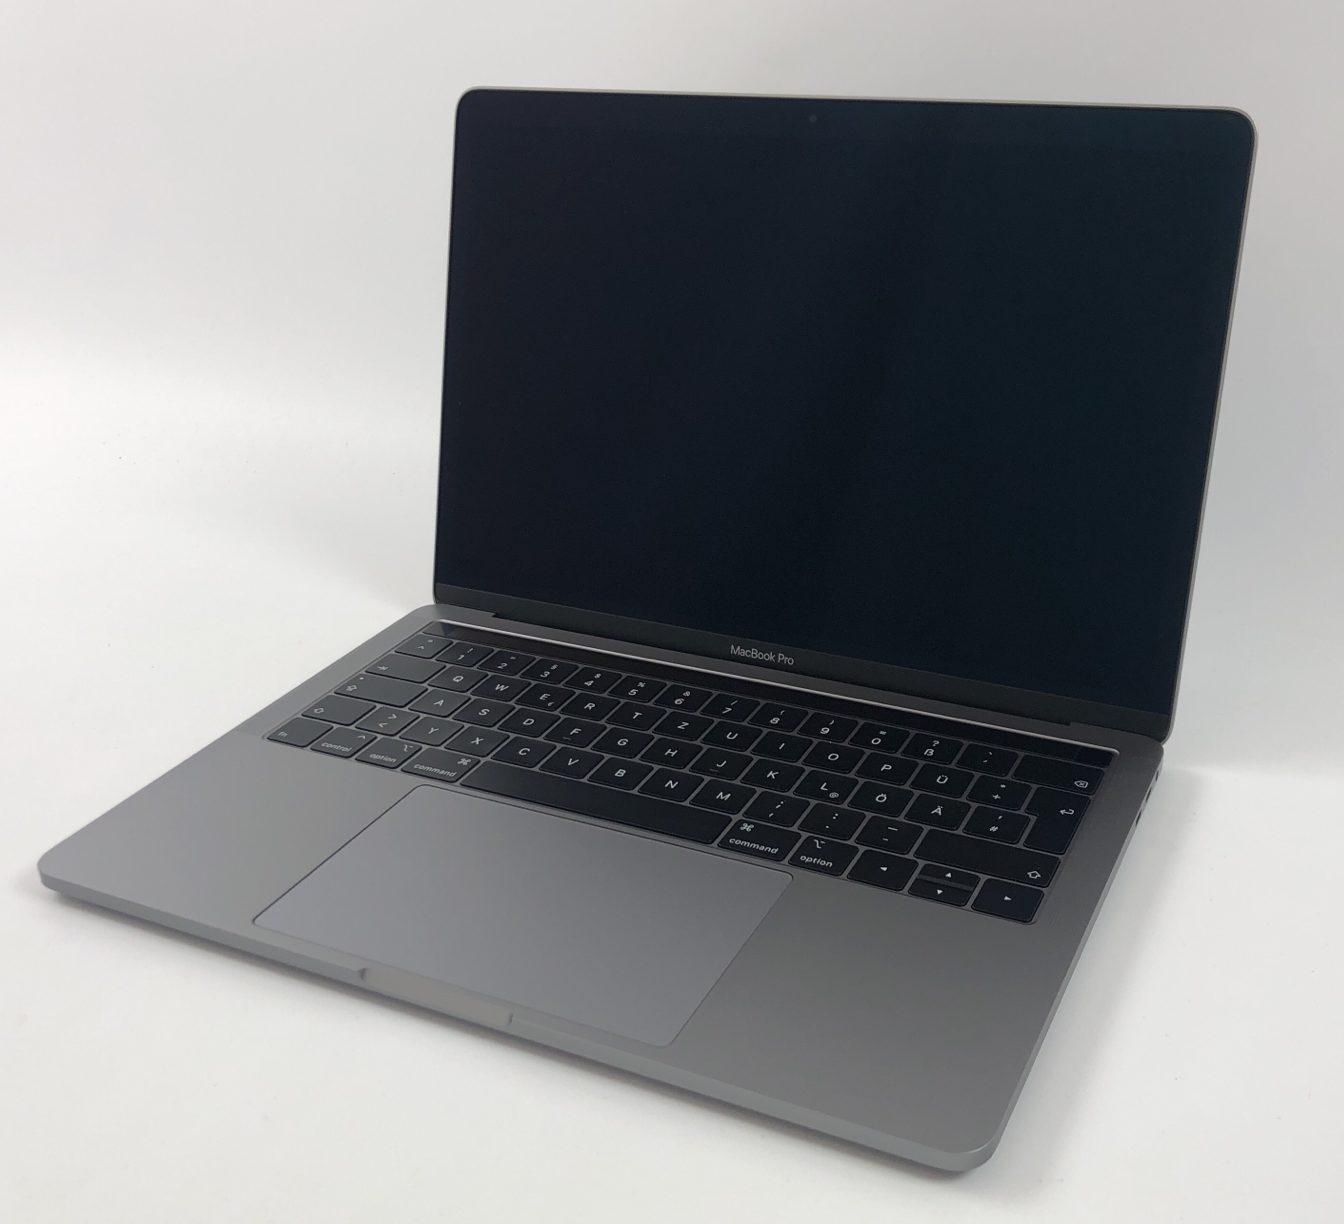 """MacBook Pro 13"""" 4TBT Mid 2019 (Intel Quad-Core i5 2.4 GHz 8 GB RAM 512 GB SSD), Space Gray, Intel Quad-Core i5 2.4 GHz, 8 GB RAM, 512 GB SSD, Bild 1"""